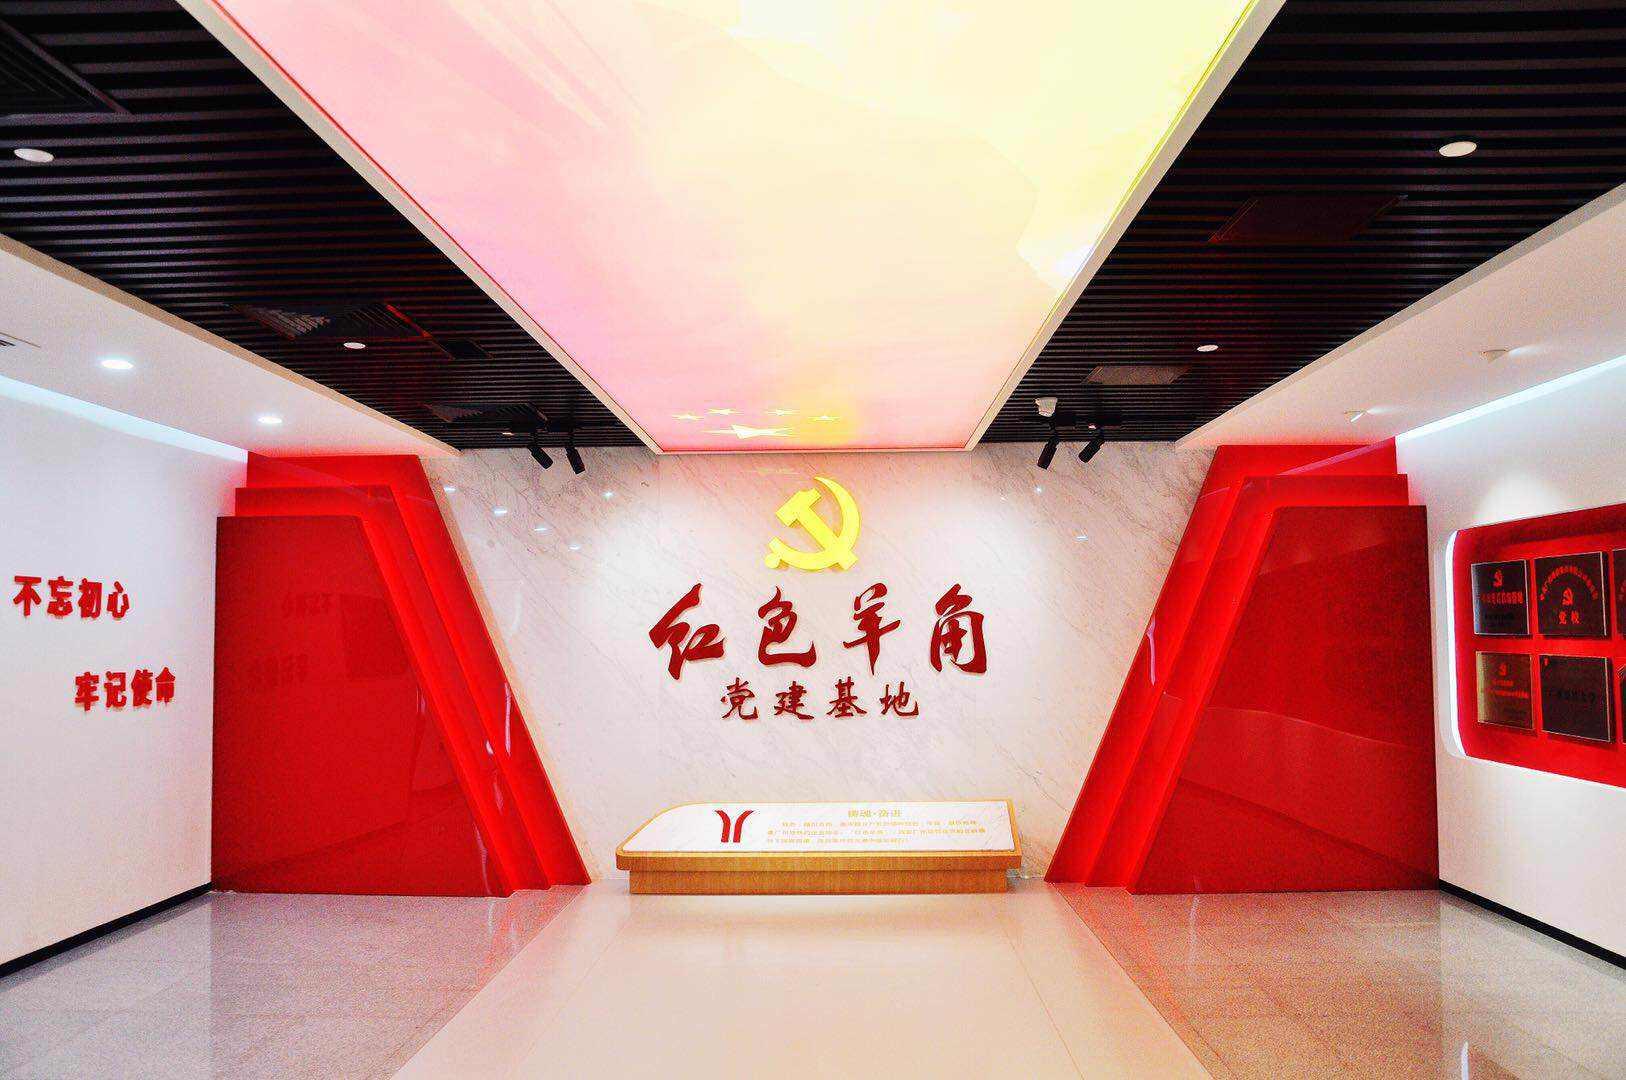 """广州地铁""""红色羊角""""党建基地正式启用,高清大图带你抢先参观!"""